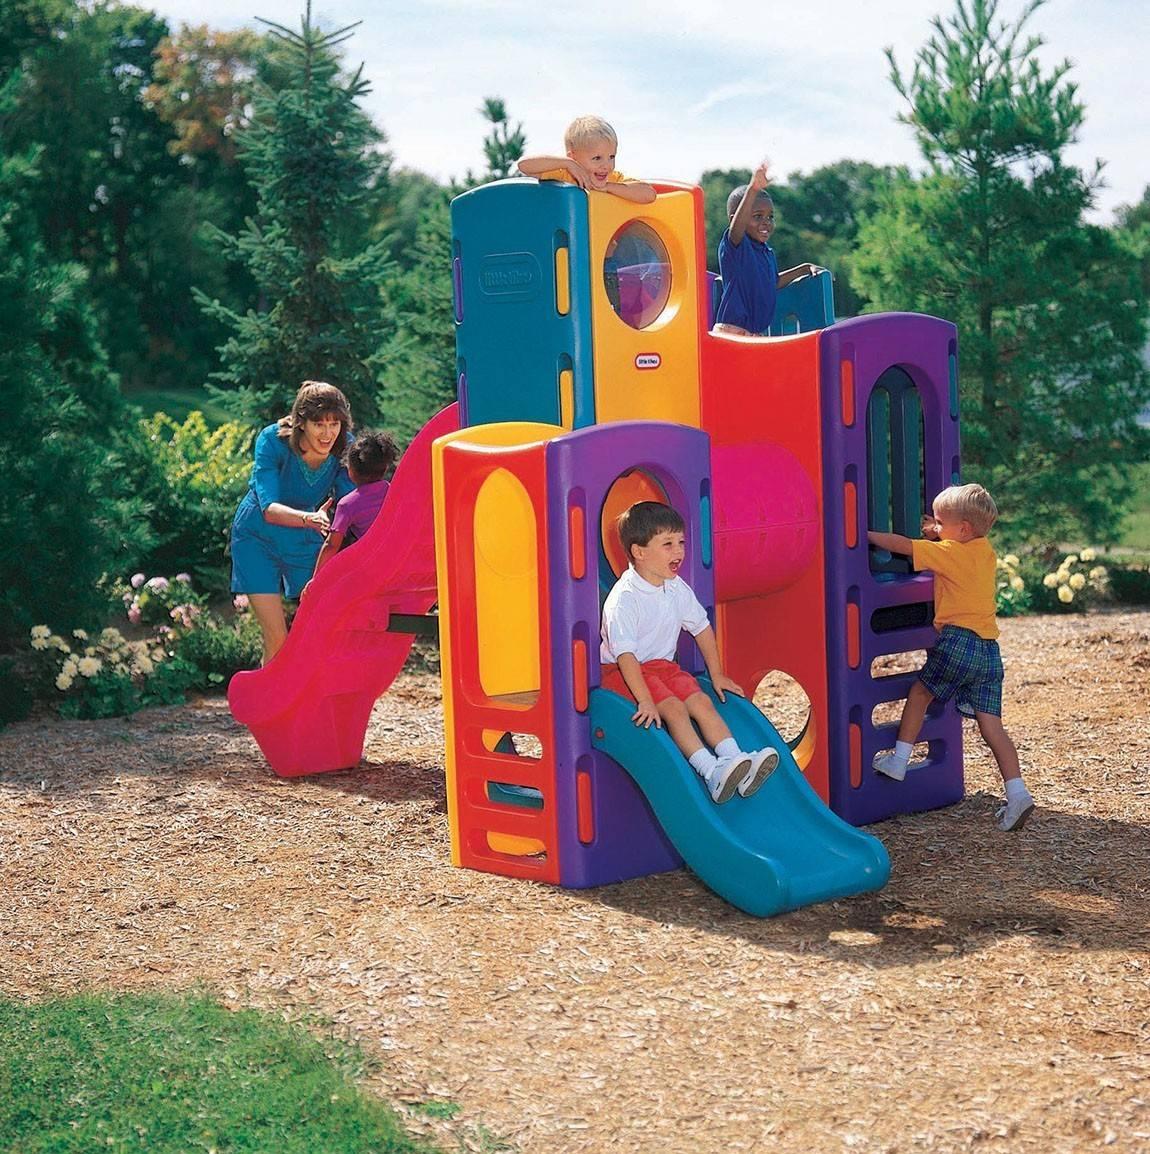 Plac Zabaw Zjeżdżalnia dla dzieci Little Tikes Olbrzymi dzieci